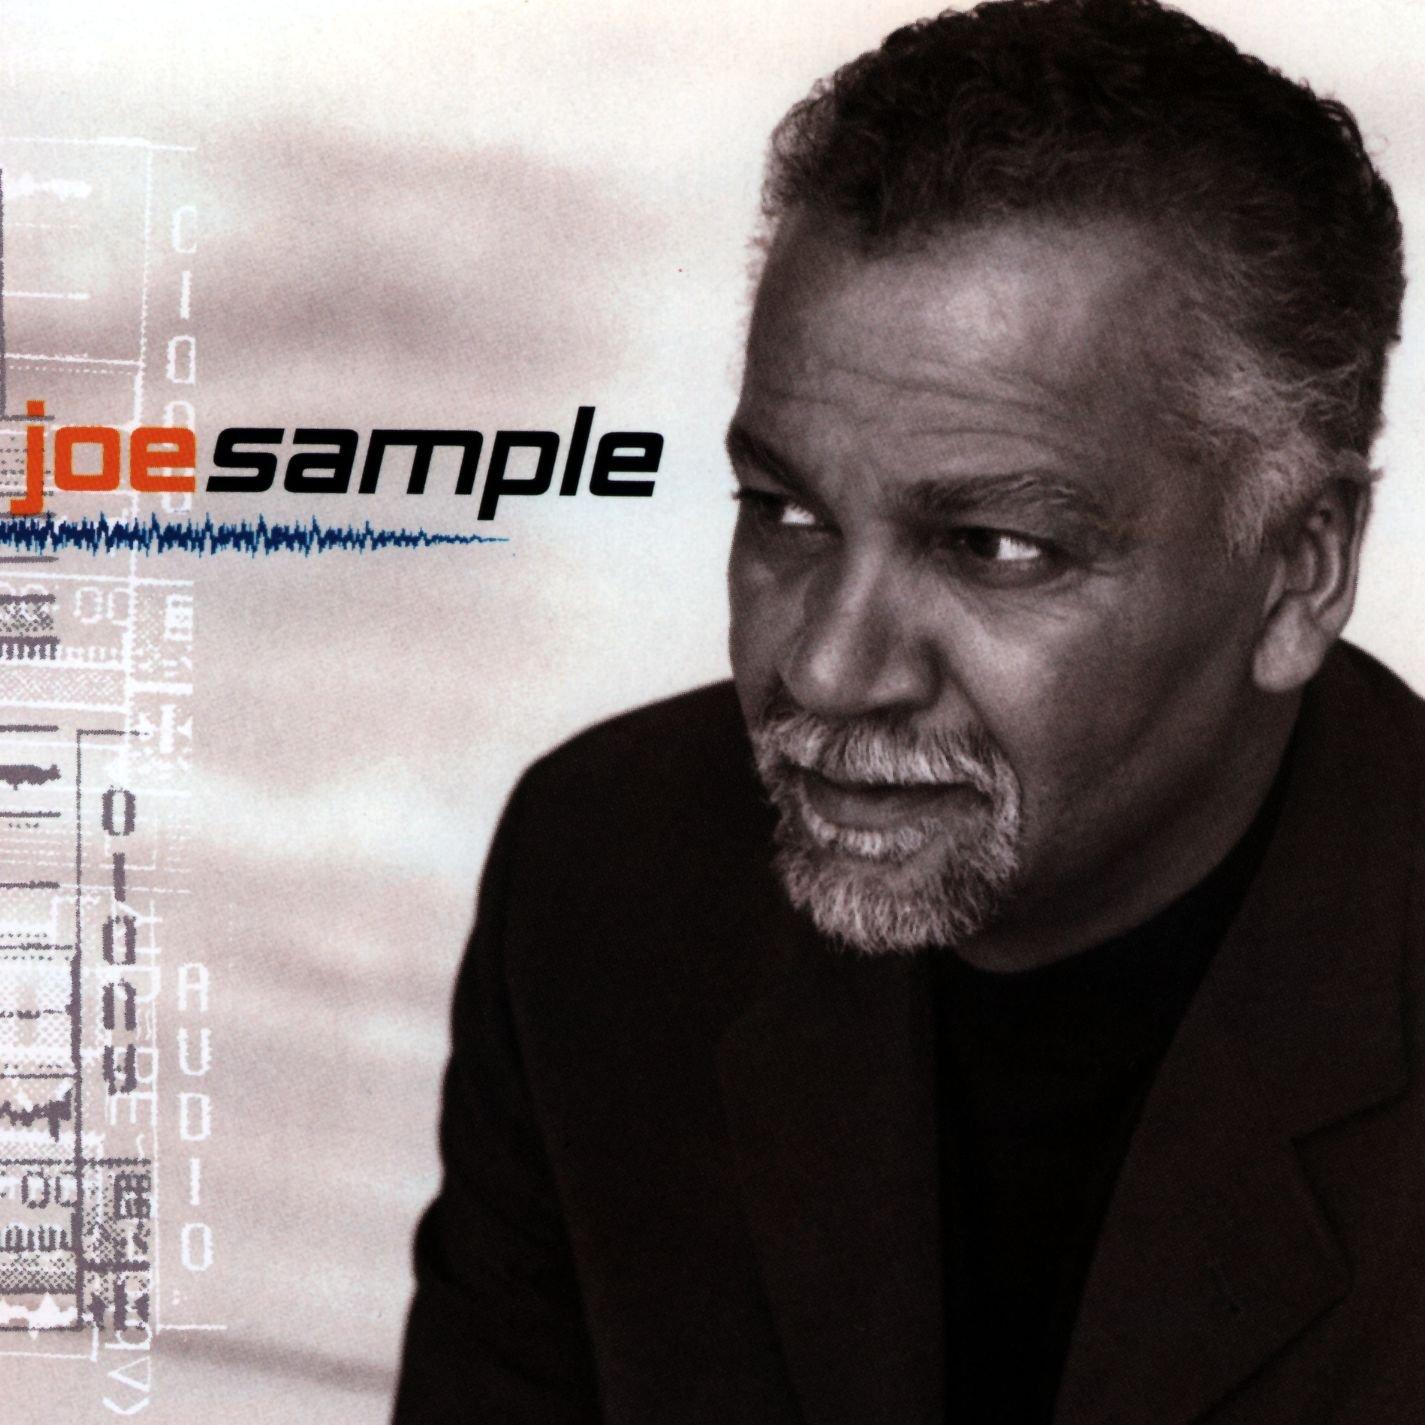 Joe Sample - Sample This (1997) [FLAC] Download